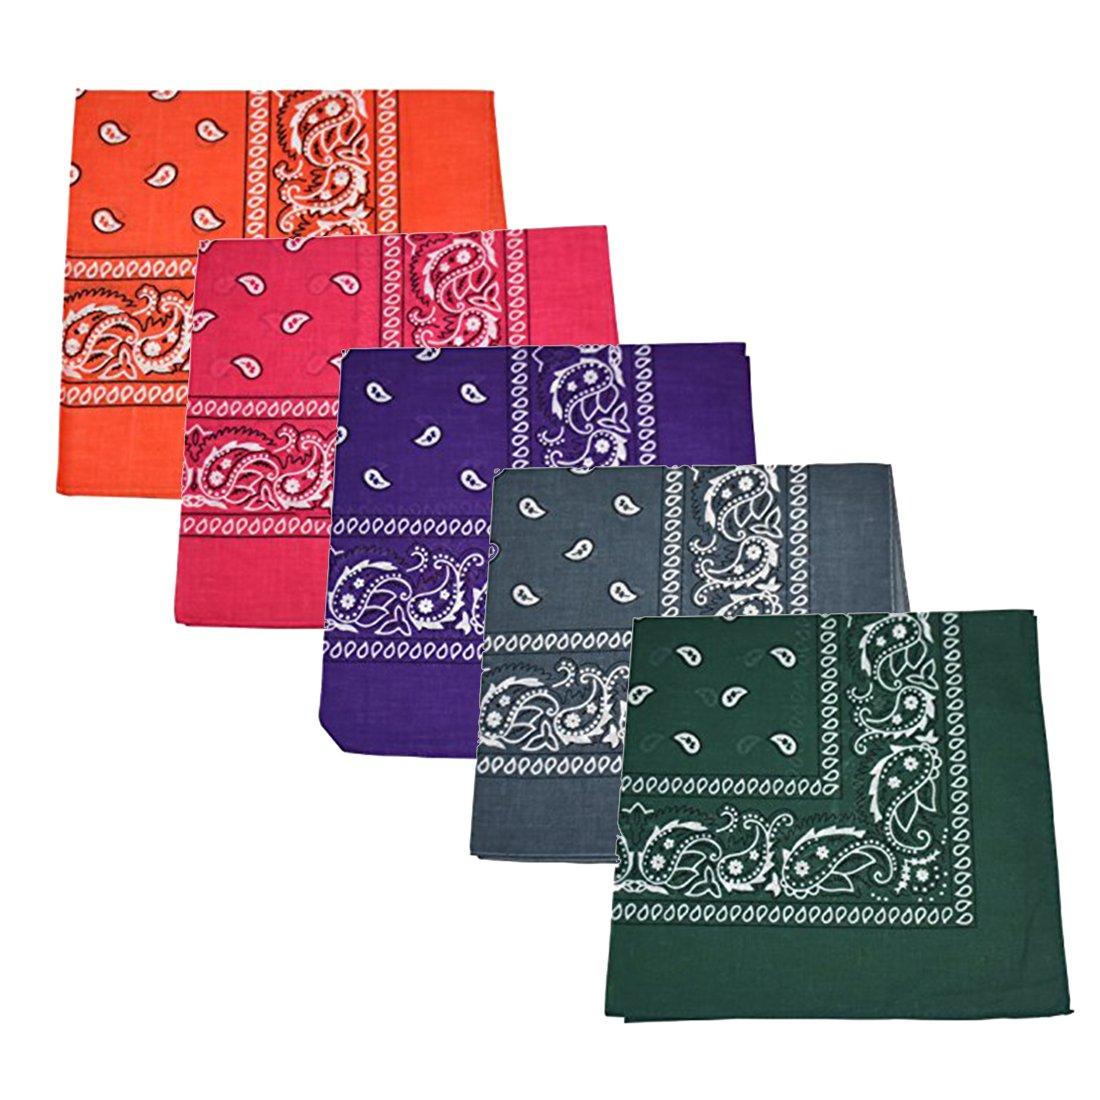 Set of 5 Large Cotton Paisley Bandanas - Dark Orange Hot Pink Hunter Green Purple Dark Grey